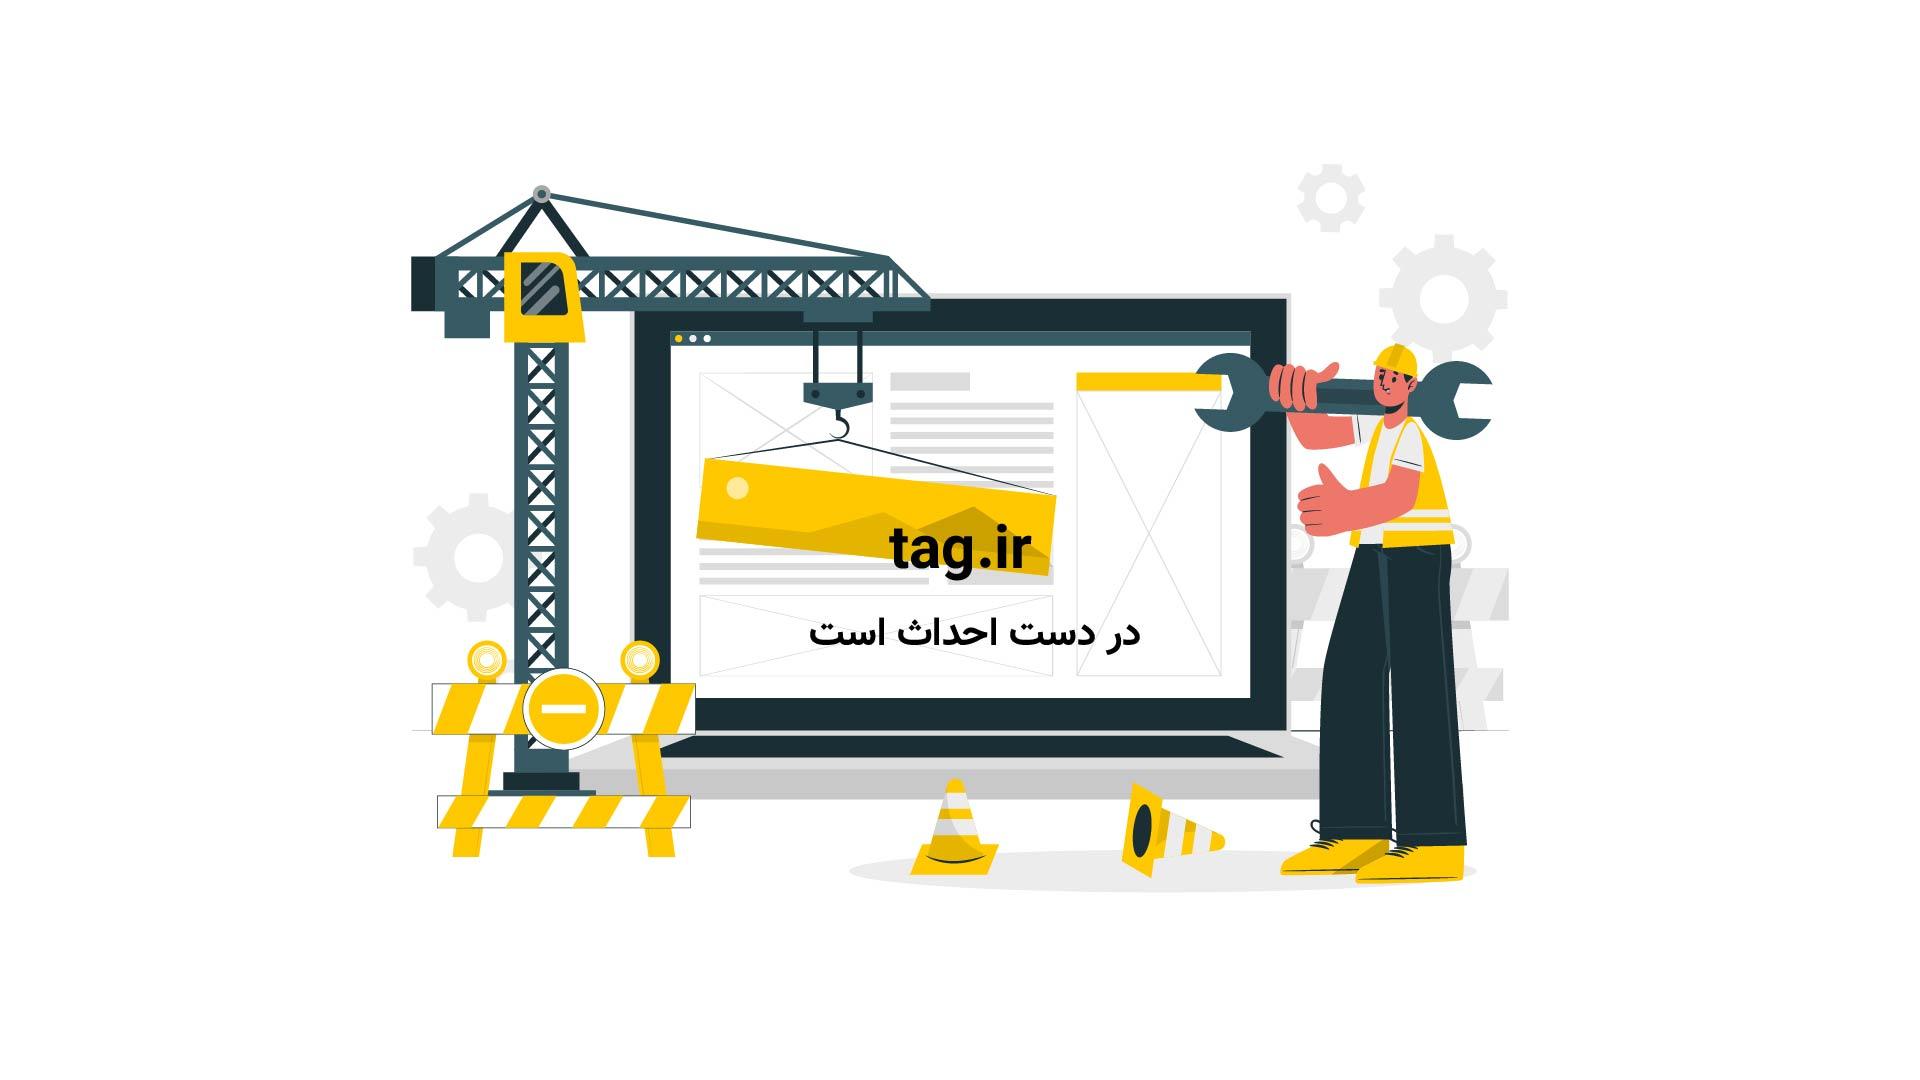 ساخت اوریگامی | تگ